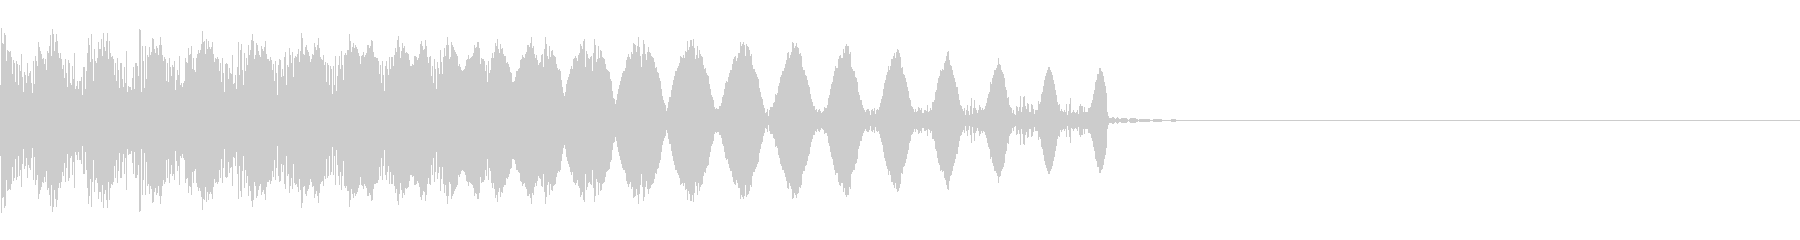 スパイシーなゲーム効果音,SE07-03の未再生の波形